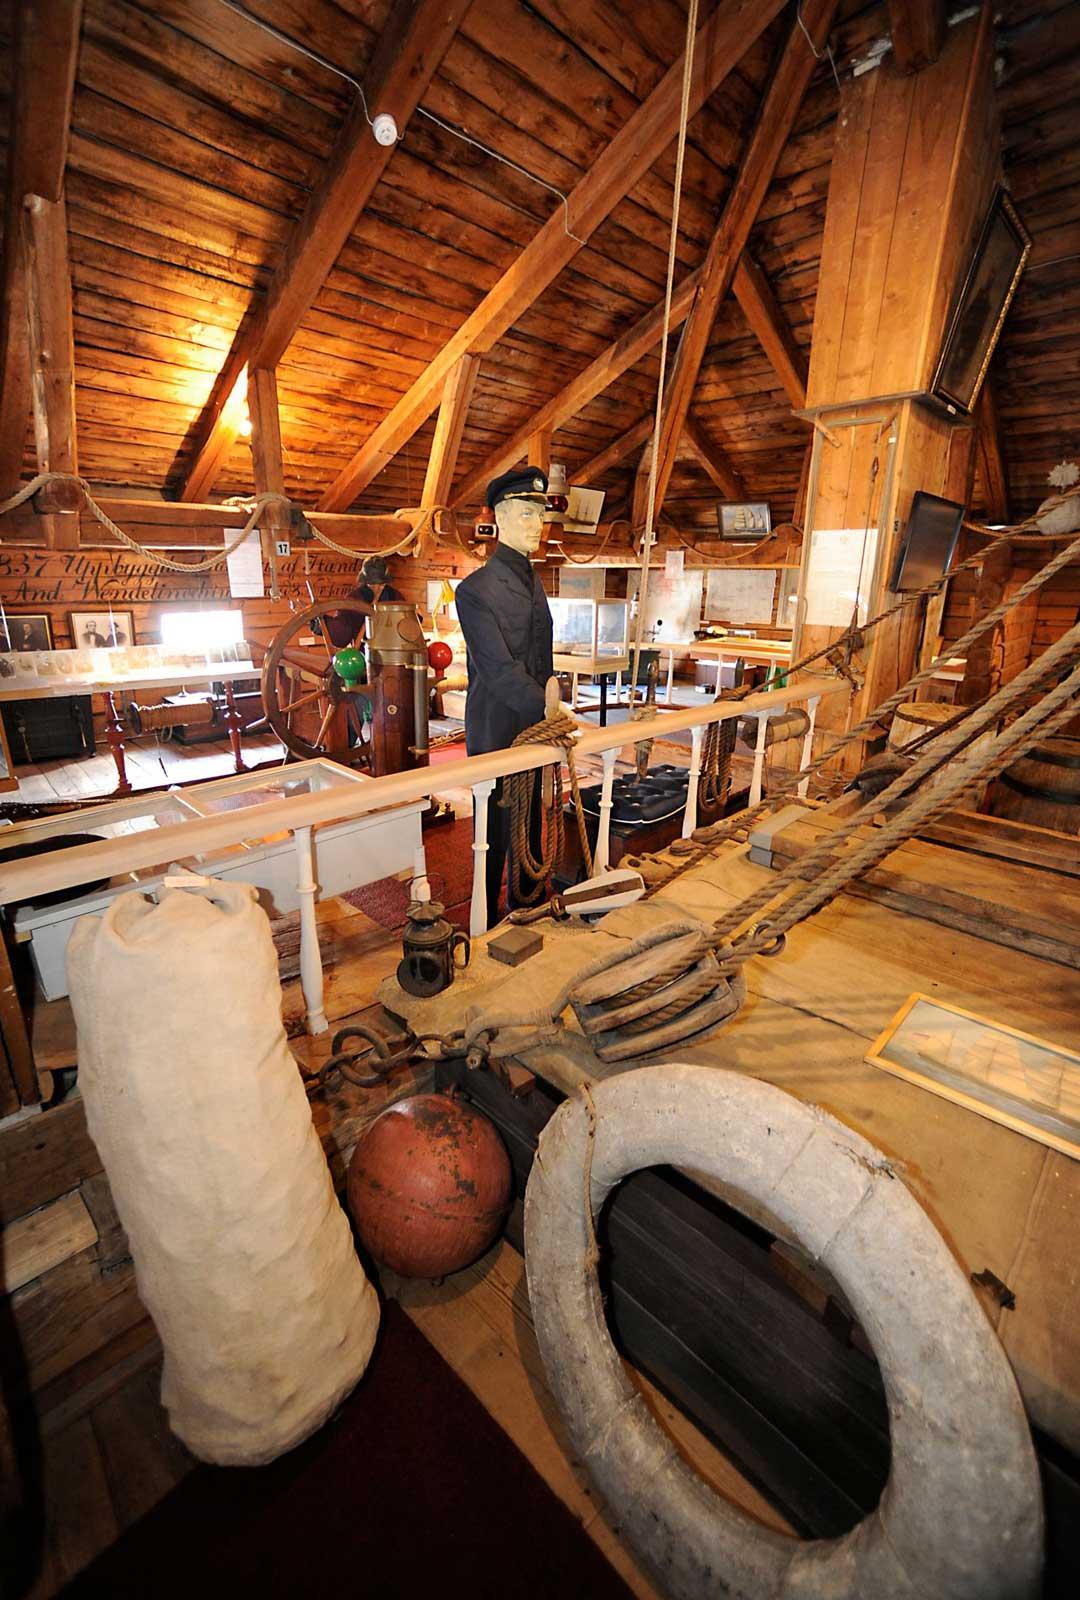 Kauppatorin laidalla sijaitseva Merimuseo on entisen Wendelinin varustamon purjeneulomon tiloissa.Entisaikojen purjehdusmatkat yllättävät, koetut haaksirikot herkistävät.